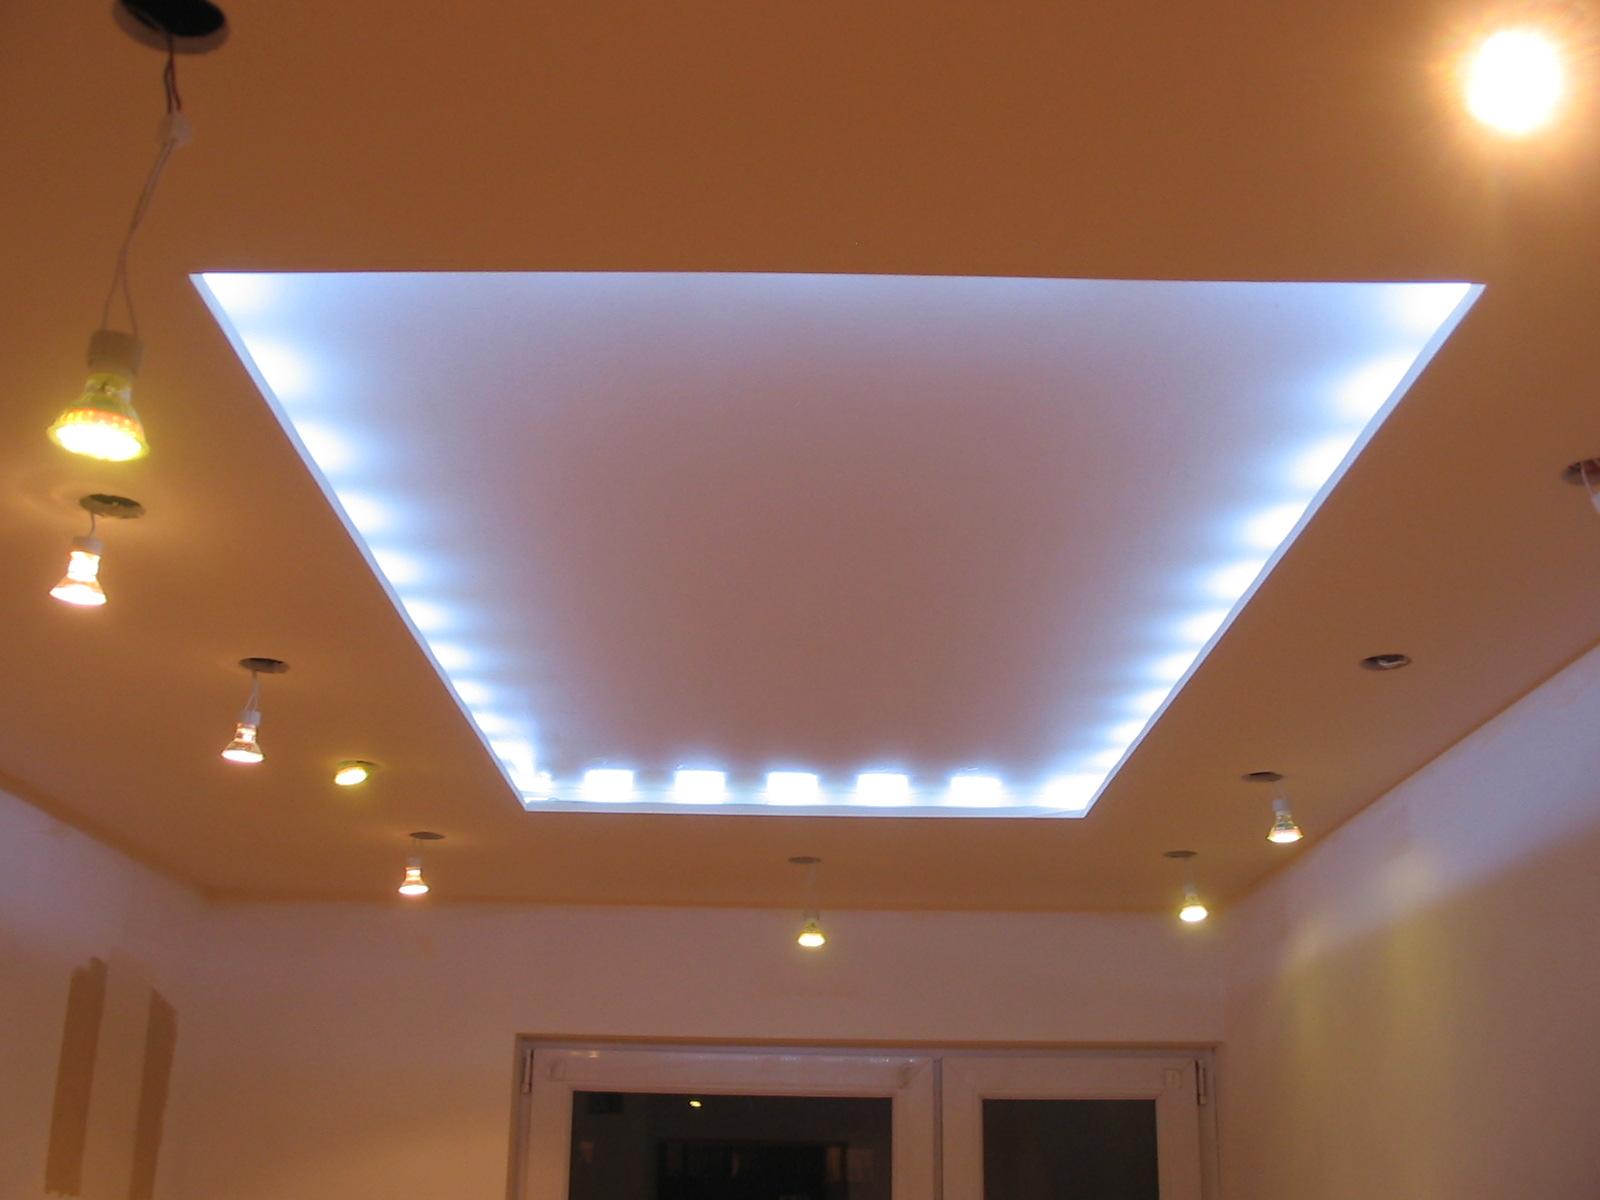 Oświetlenie Sufitu W Pokoju Elektrodapl